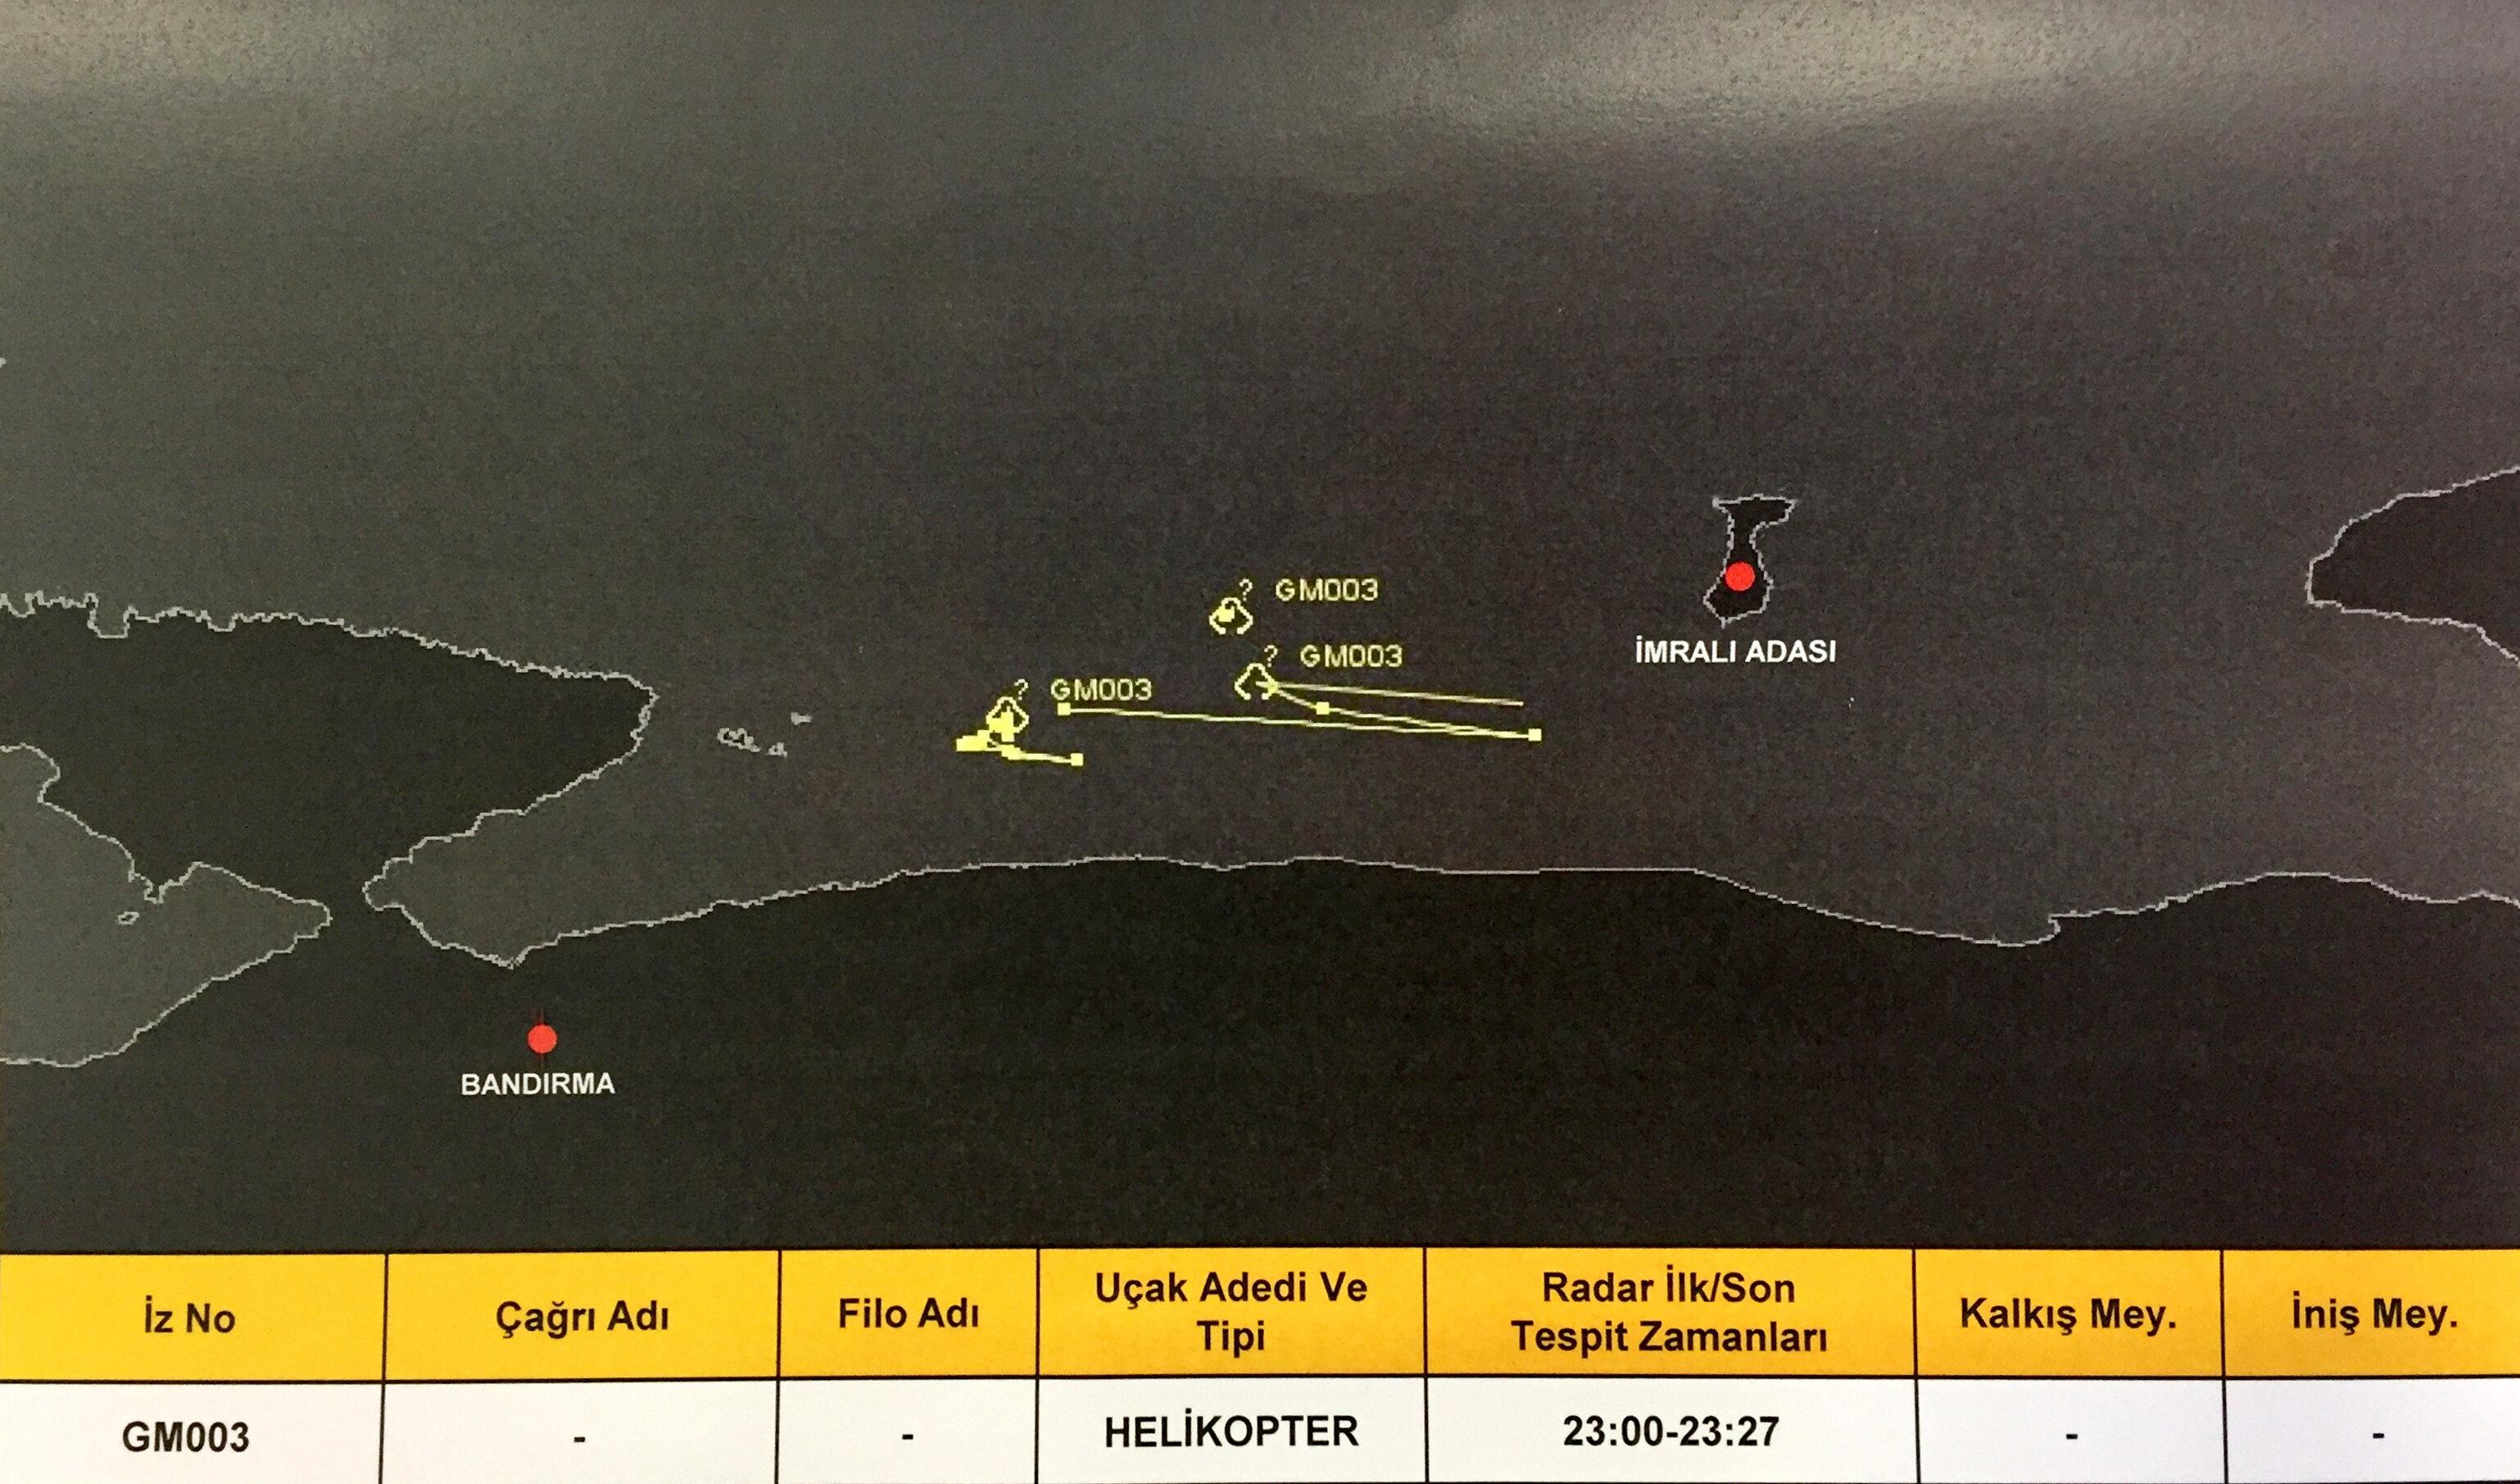 Helikopterlerin İmralı Adası çevresinde yoğun şekilde uçtukları tespit edildi. İmralı Adası üzerinde farklı saatlerde, farklı helikopterlerin hava trafiği kayıtlara yansıdı.